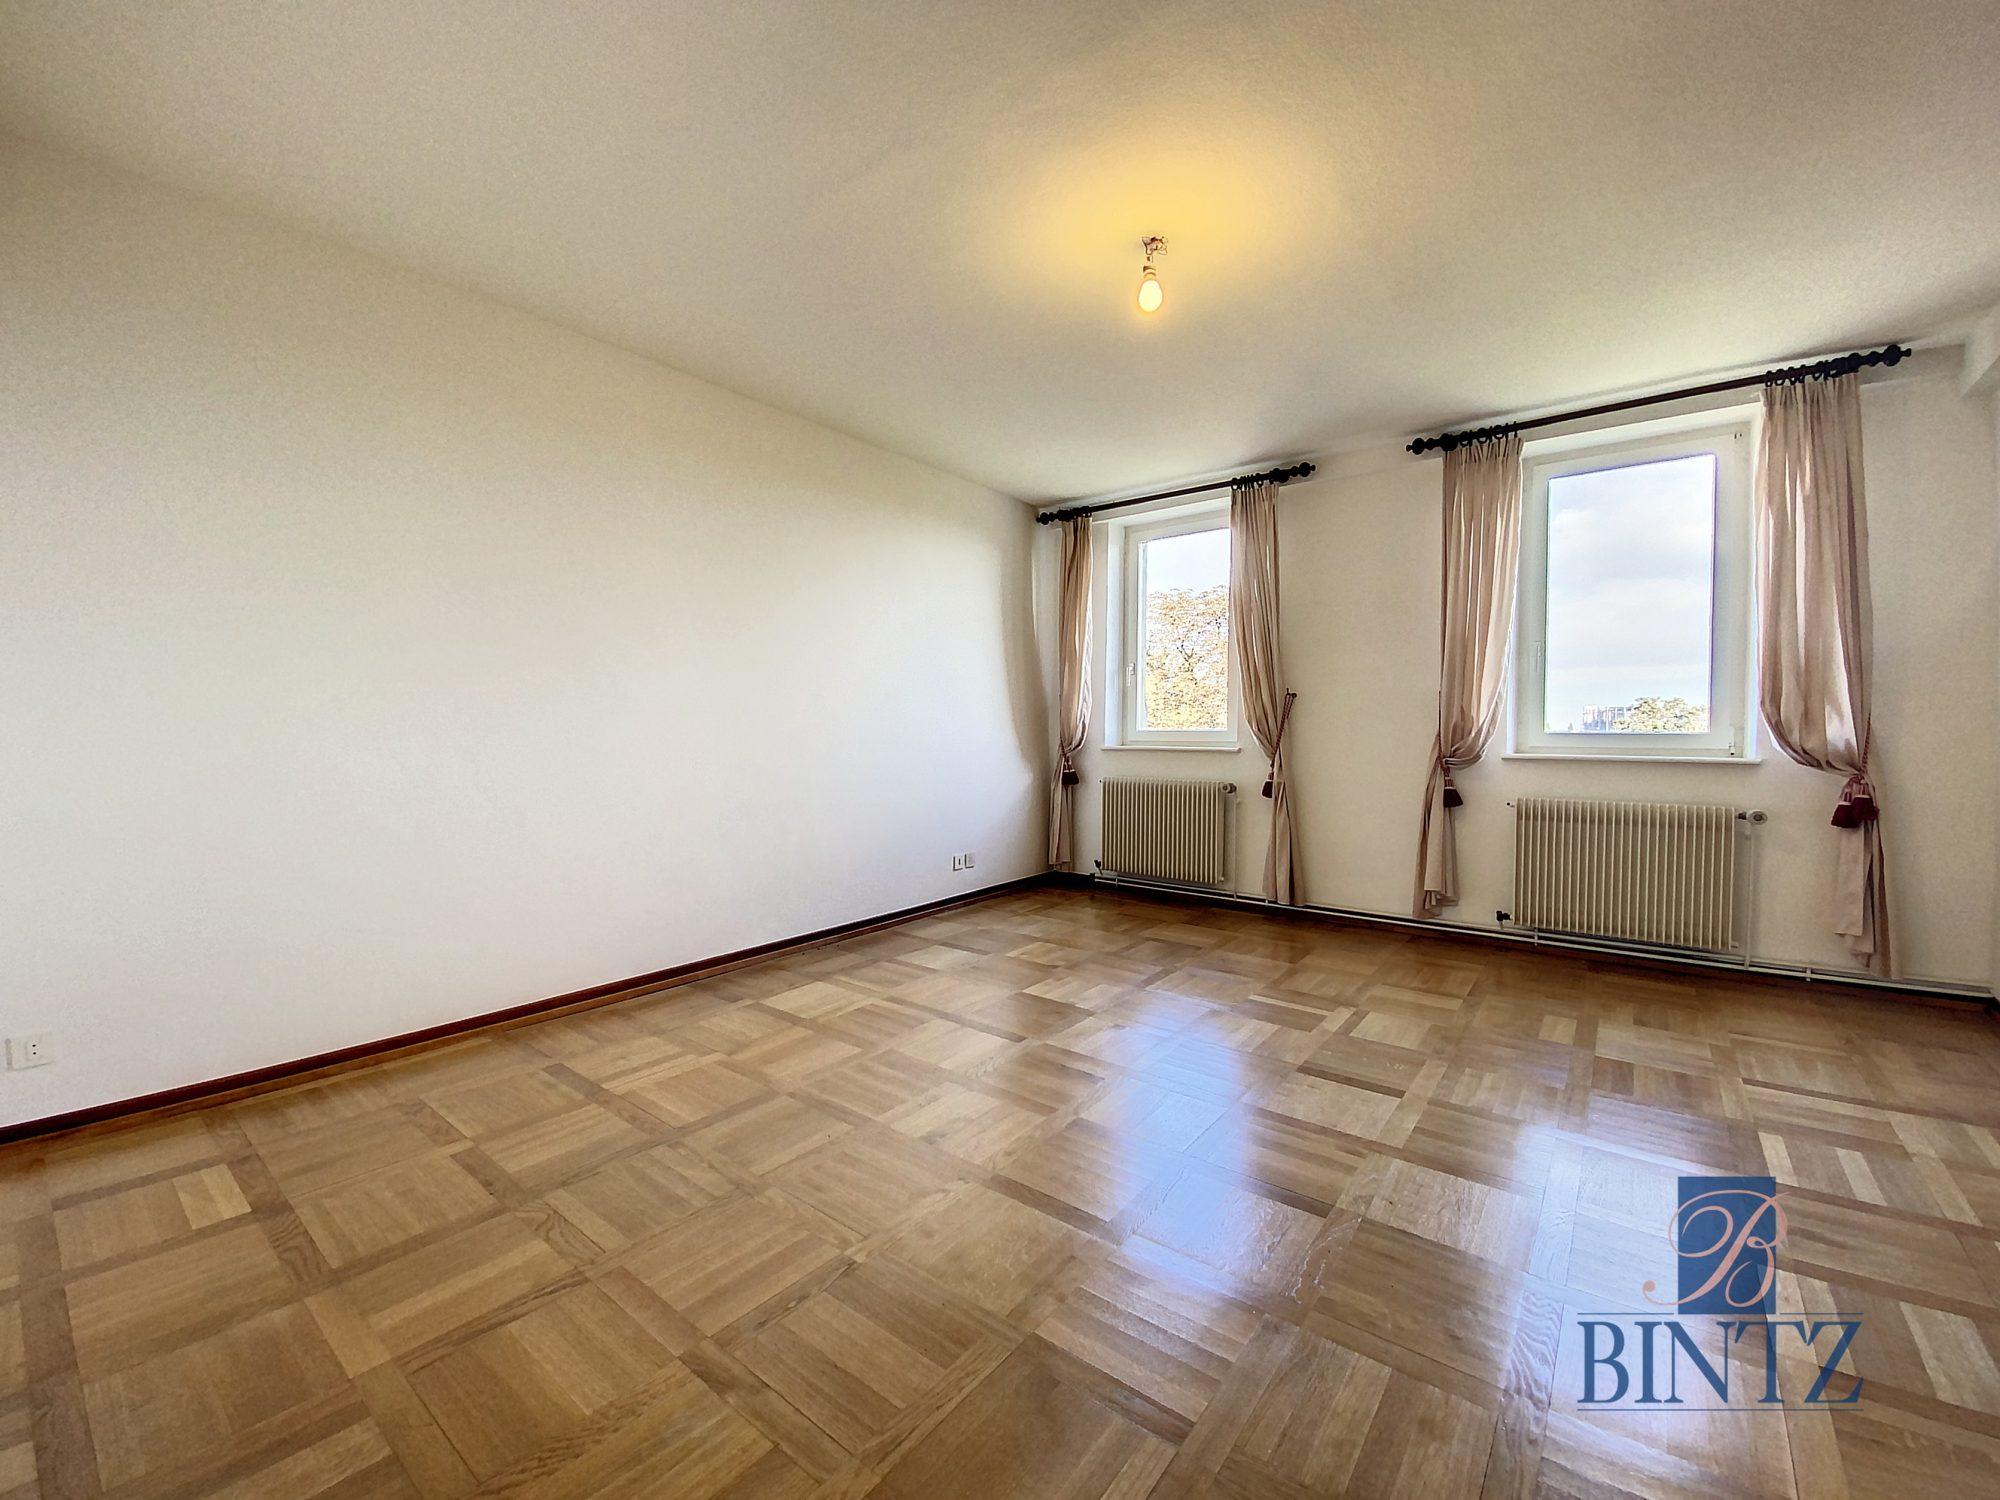 DUPLEX PLACE DE L'UNIVERSITÉ AVEC TERRASSE - Devenez locataire en toute sérénité - Bintz Immobilier - 13